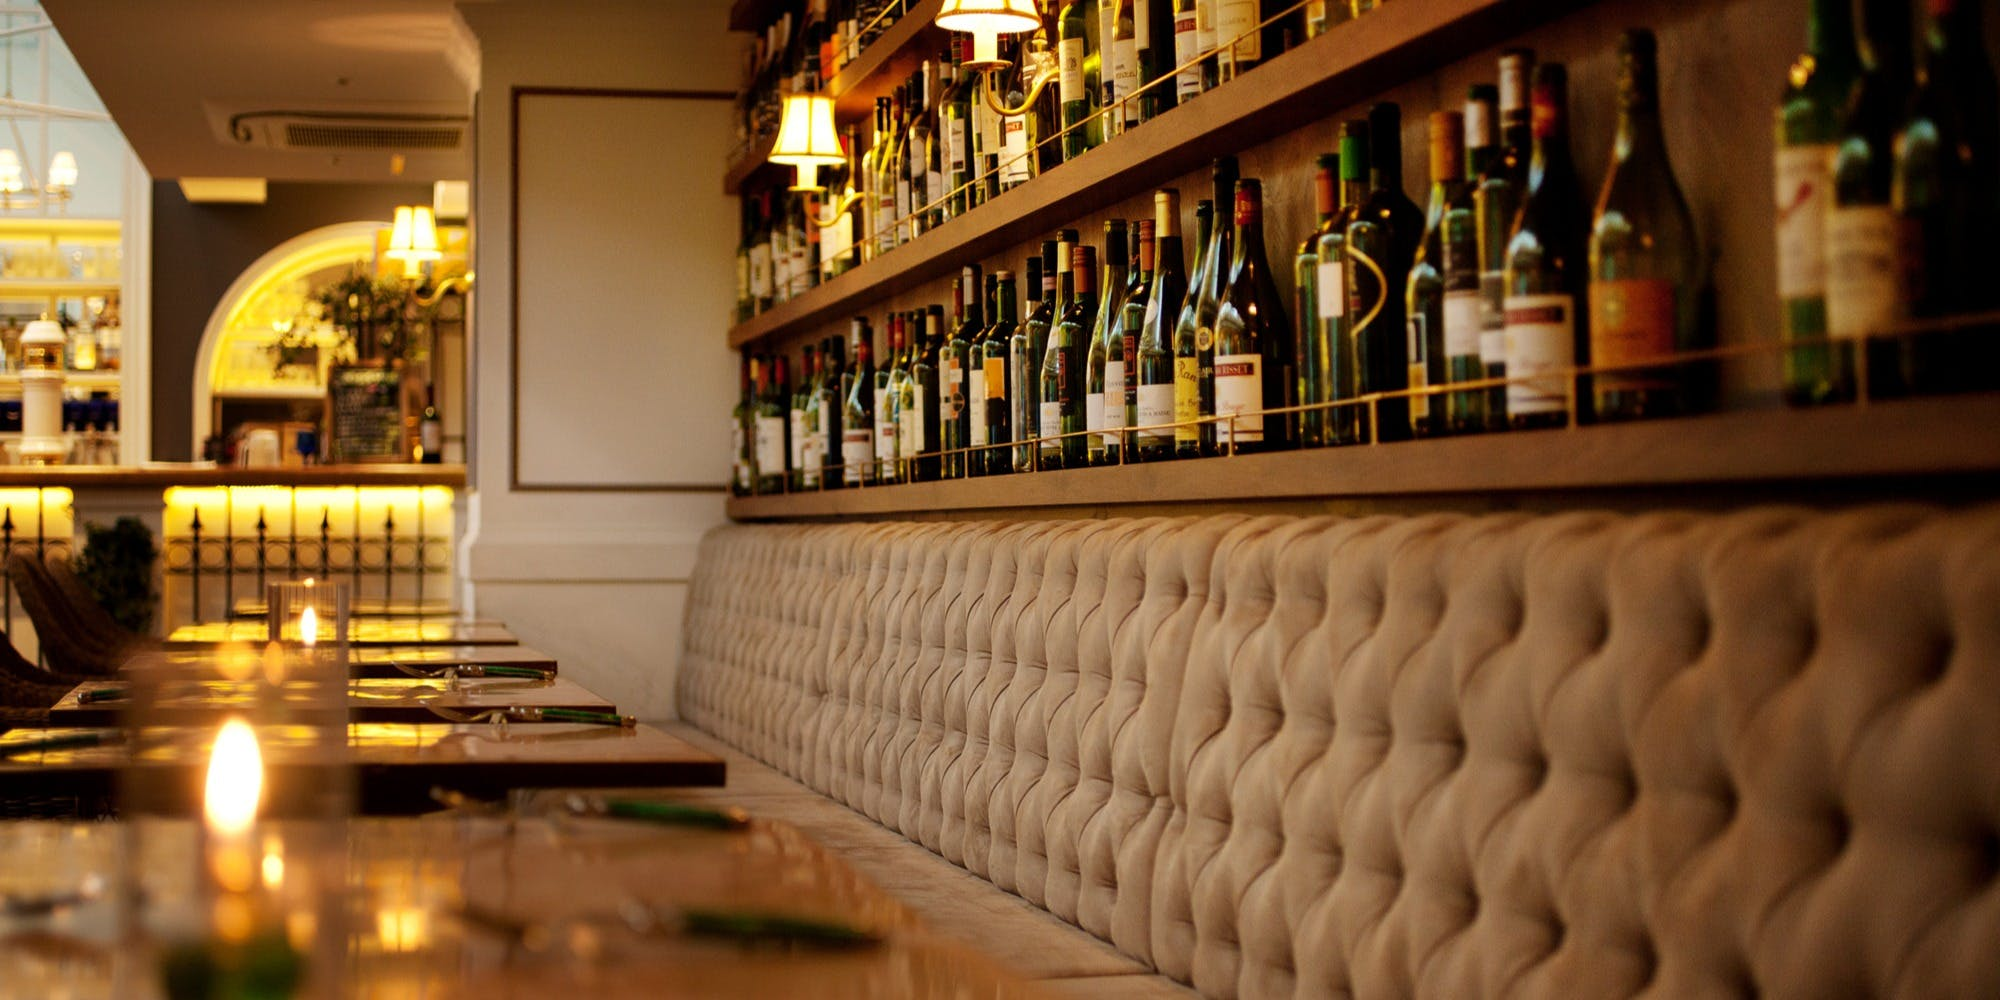 記念日におすすめのレストラン・吉祥寺 コロニアルガーデンの写真1